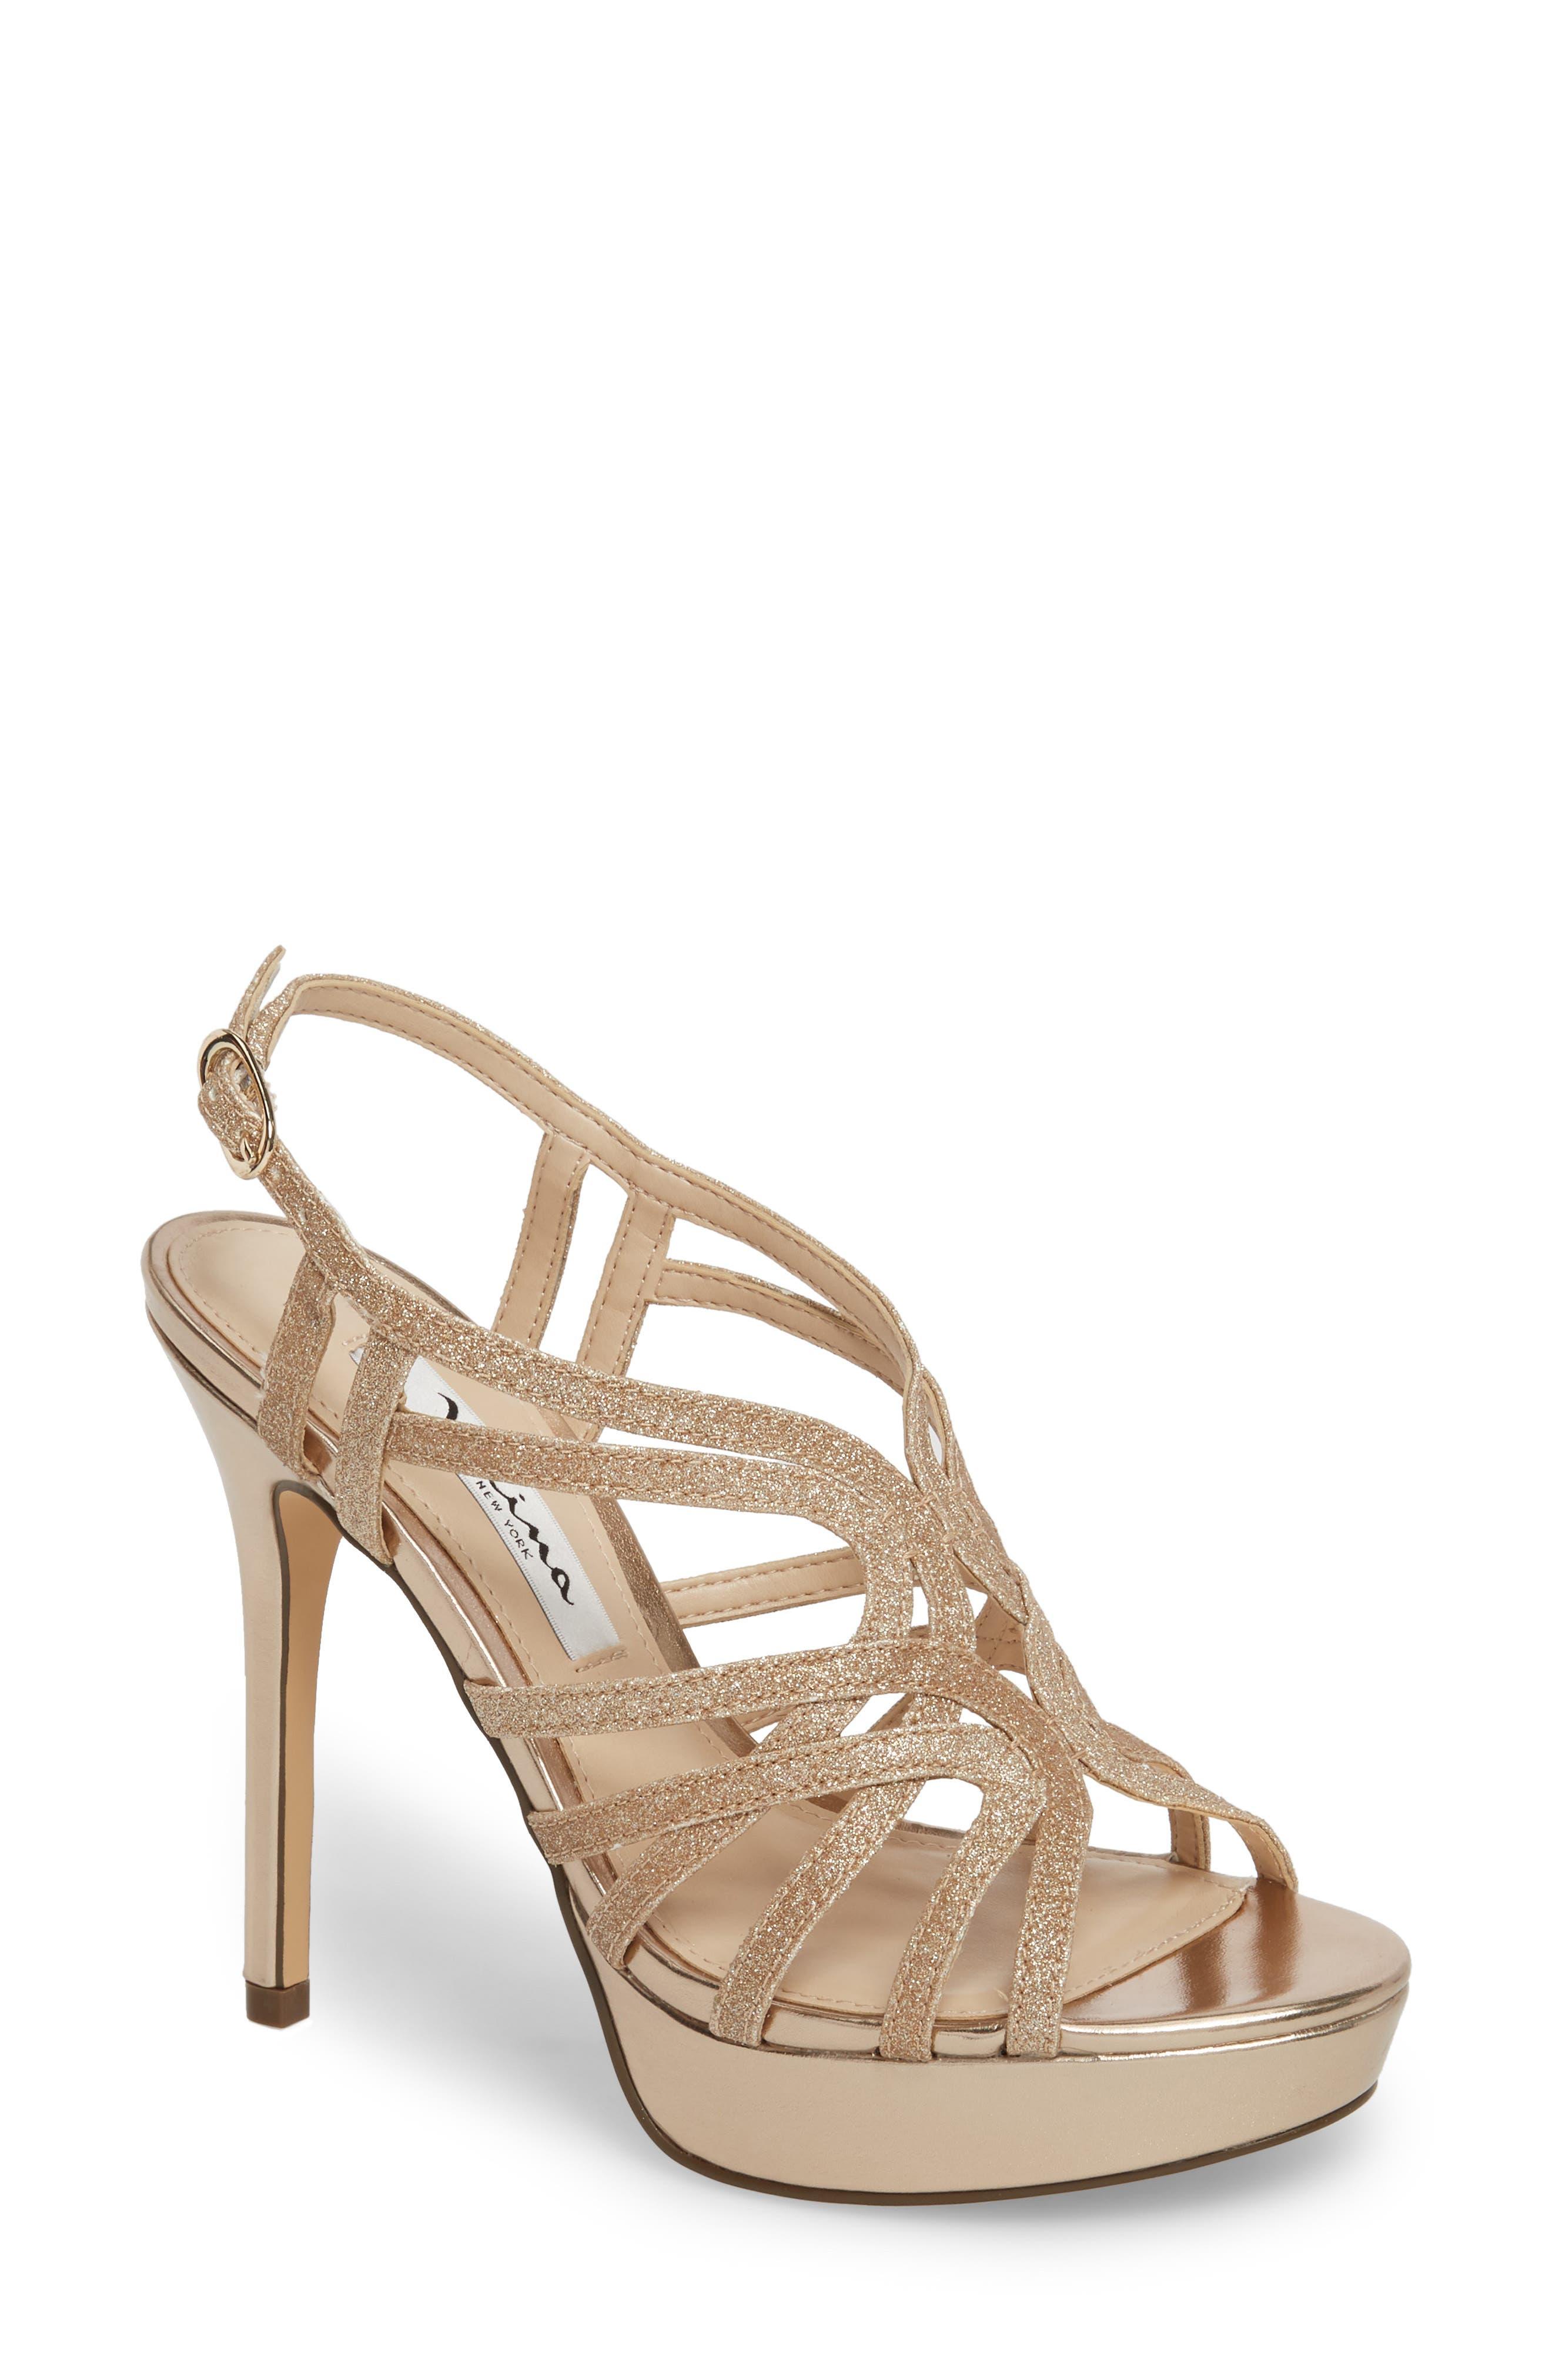 Solina Platform Sandal,                             Main thumbnail 3, color,